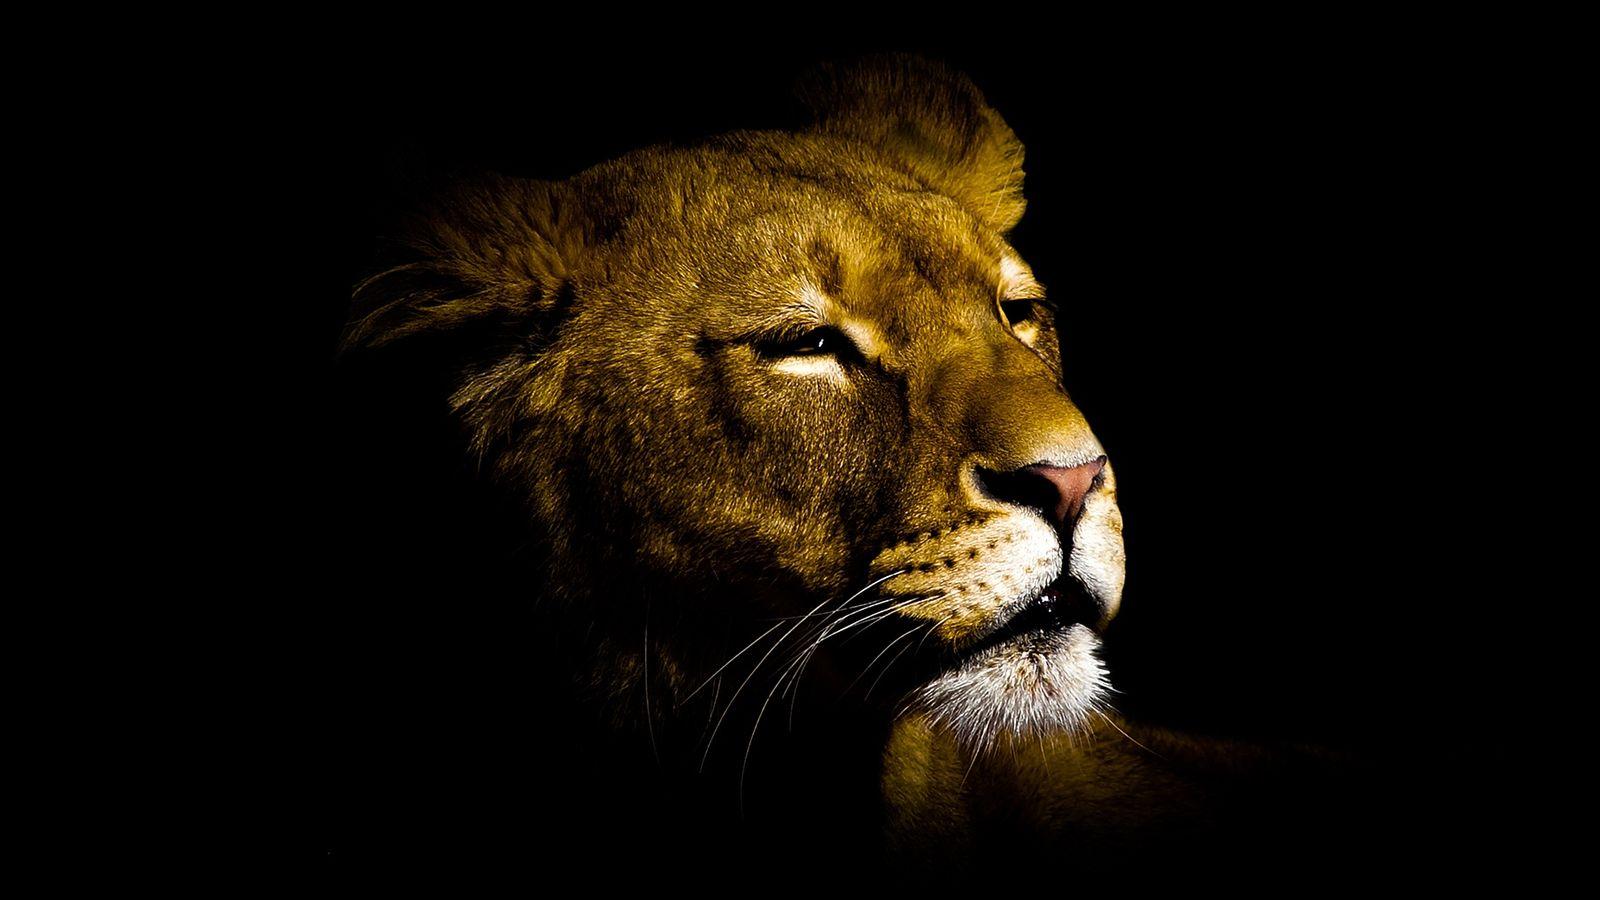 Lion fond ecran hd 10 000 fonds d 39 cran hd gratuits et for Fon decran hd